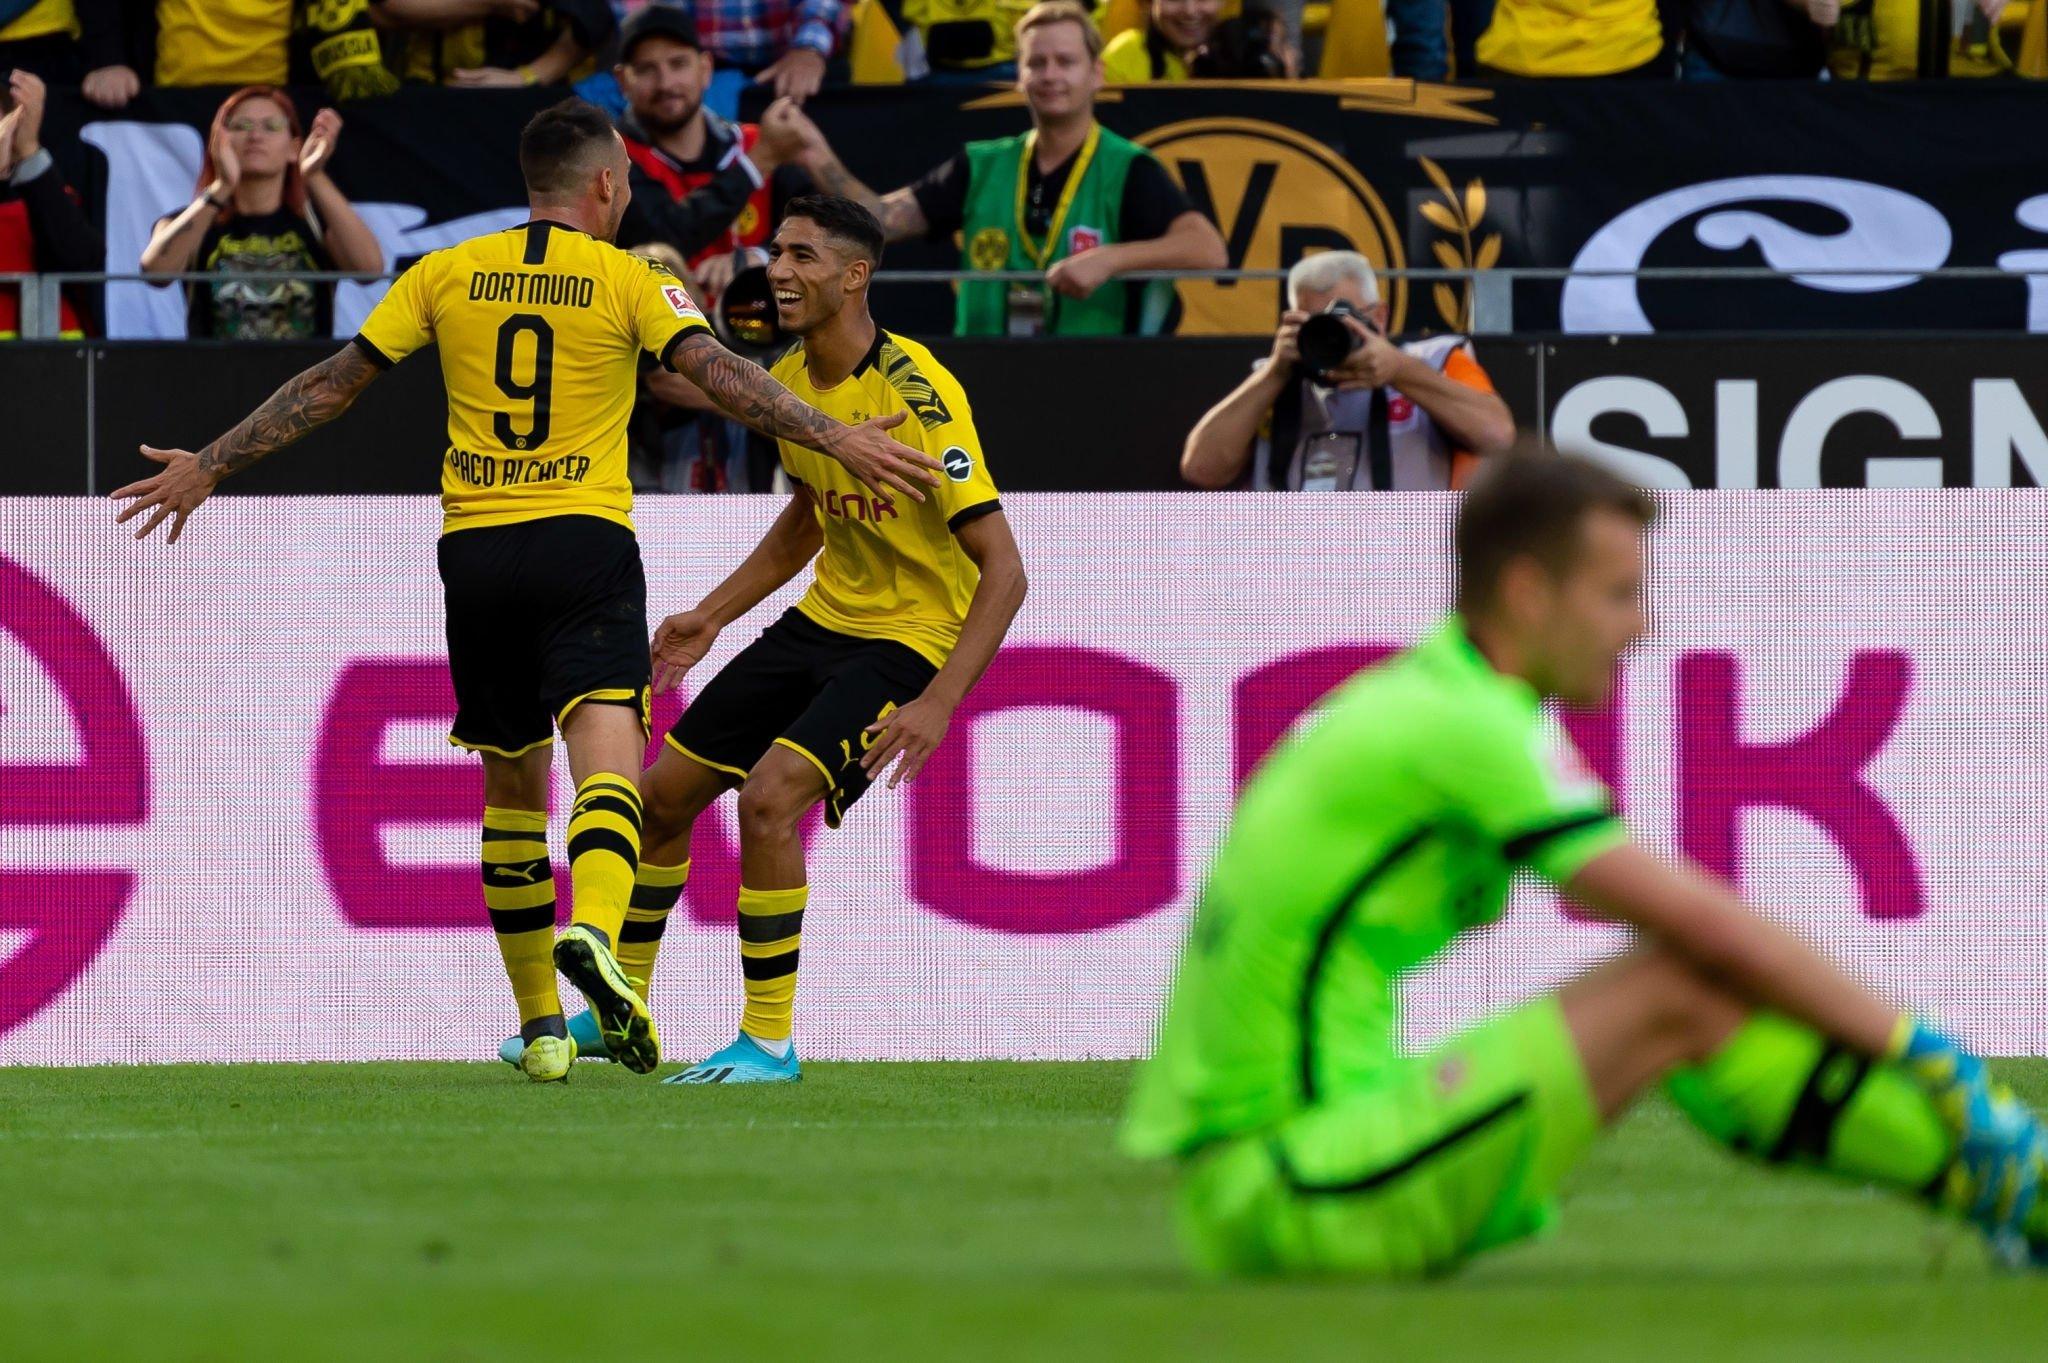 Боруссия Дортмунд - Байер 4:0. Образцовая игра BVB - изображение 1